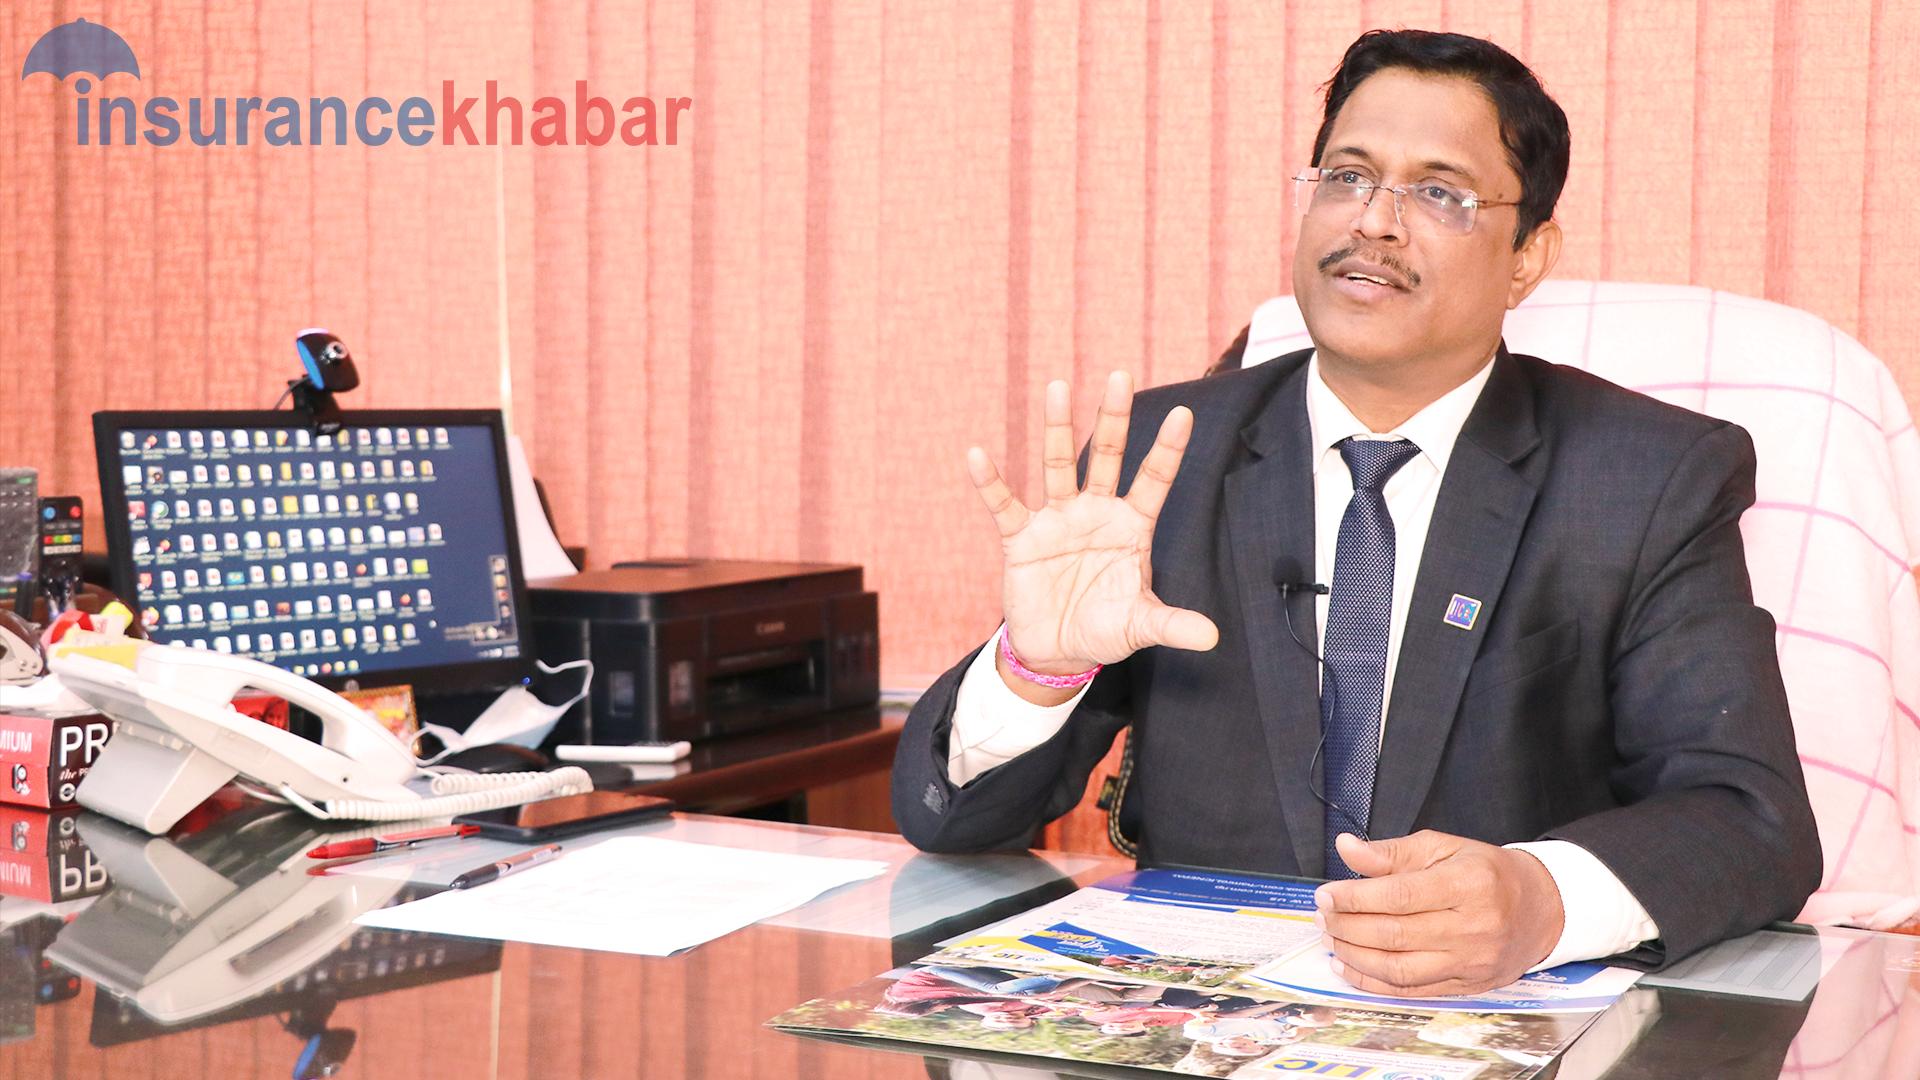 बीमितहरुलाई उच्च प्रतिफल, स्तरीय सेवा र आर्थिक सुरक्षा प्रदान गर्न एलआईसी नेपाल प्रतिबद्ध छ: लक्ष्मी प्रसाद दास